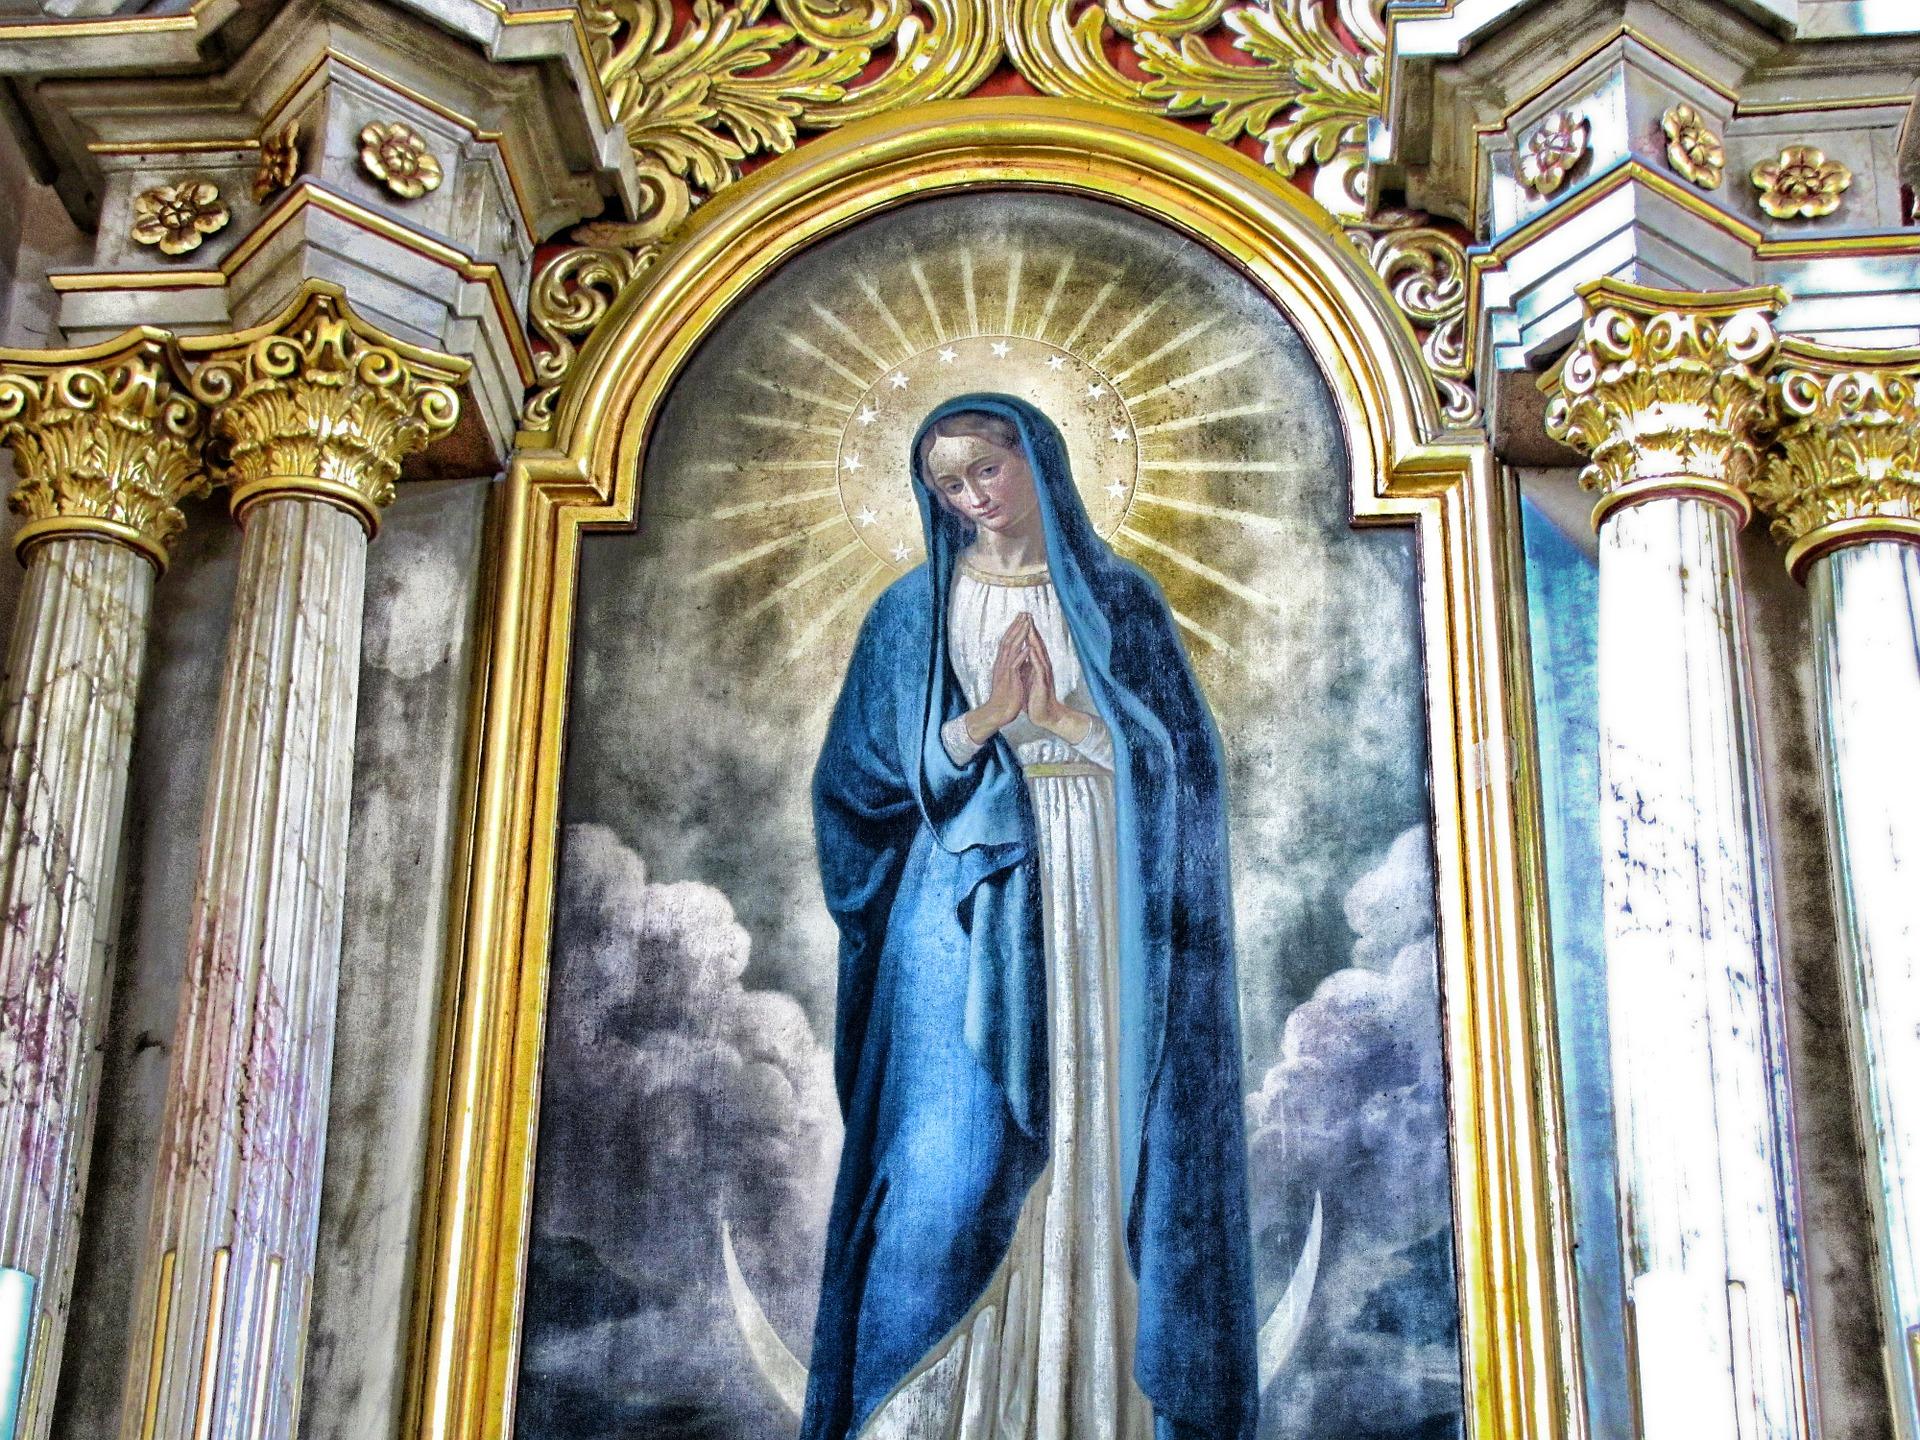 Po Świętej Trójcy Maryja jest fundamentalną osobą w naszej wierze. Sprawdź ile wiesz o dogmatach z nią związanych!